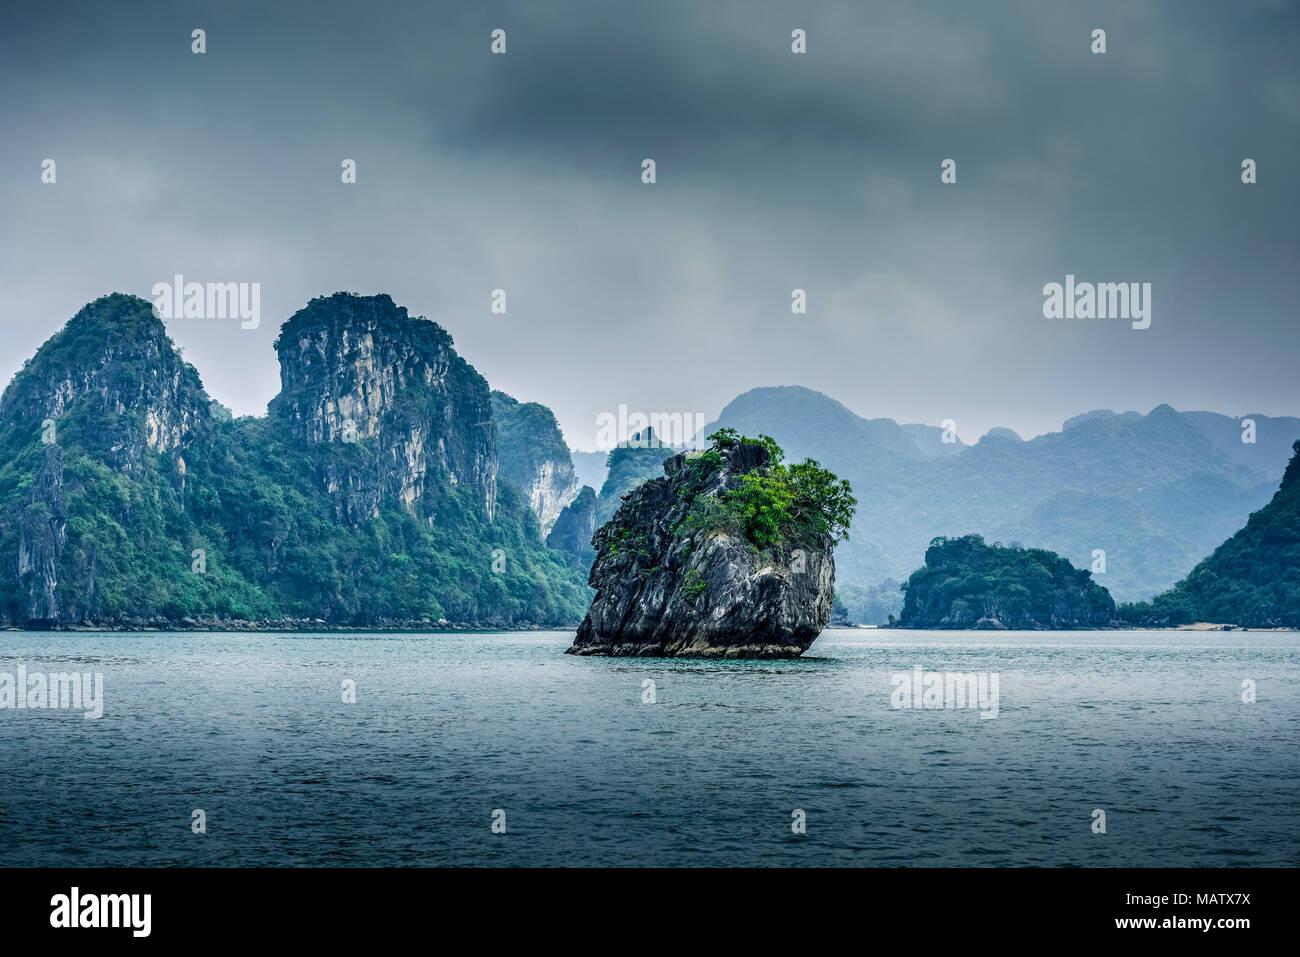 Asien, Vietnam, Quang Ninh Provinz, Halong-Bucht Stockbild